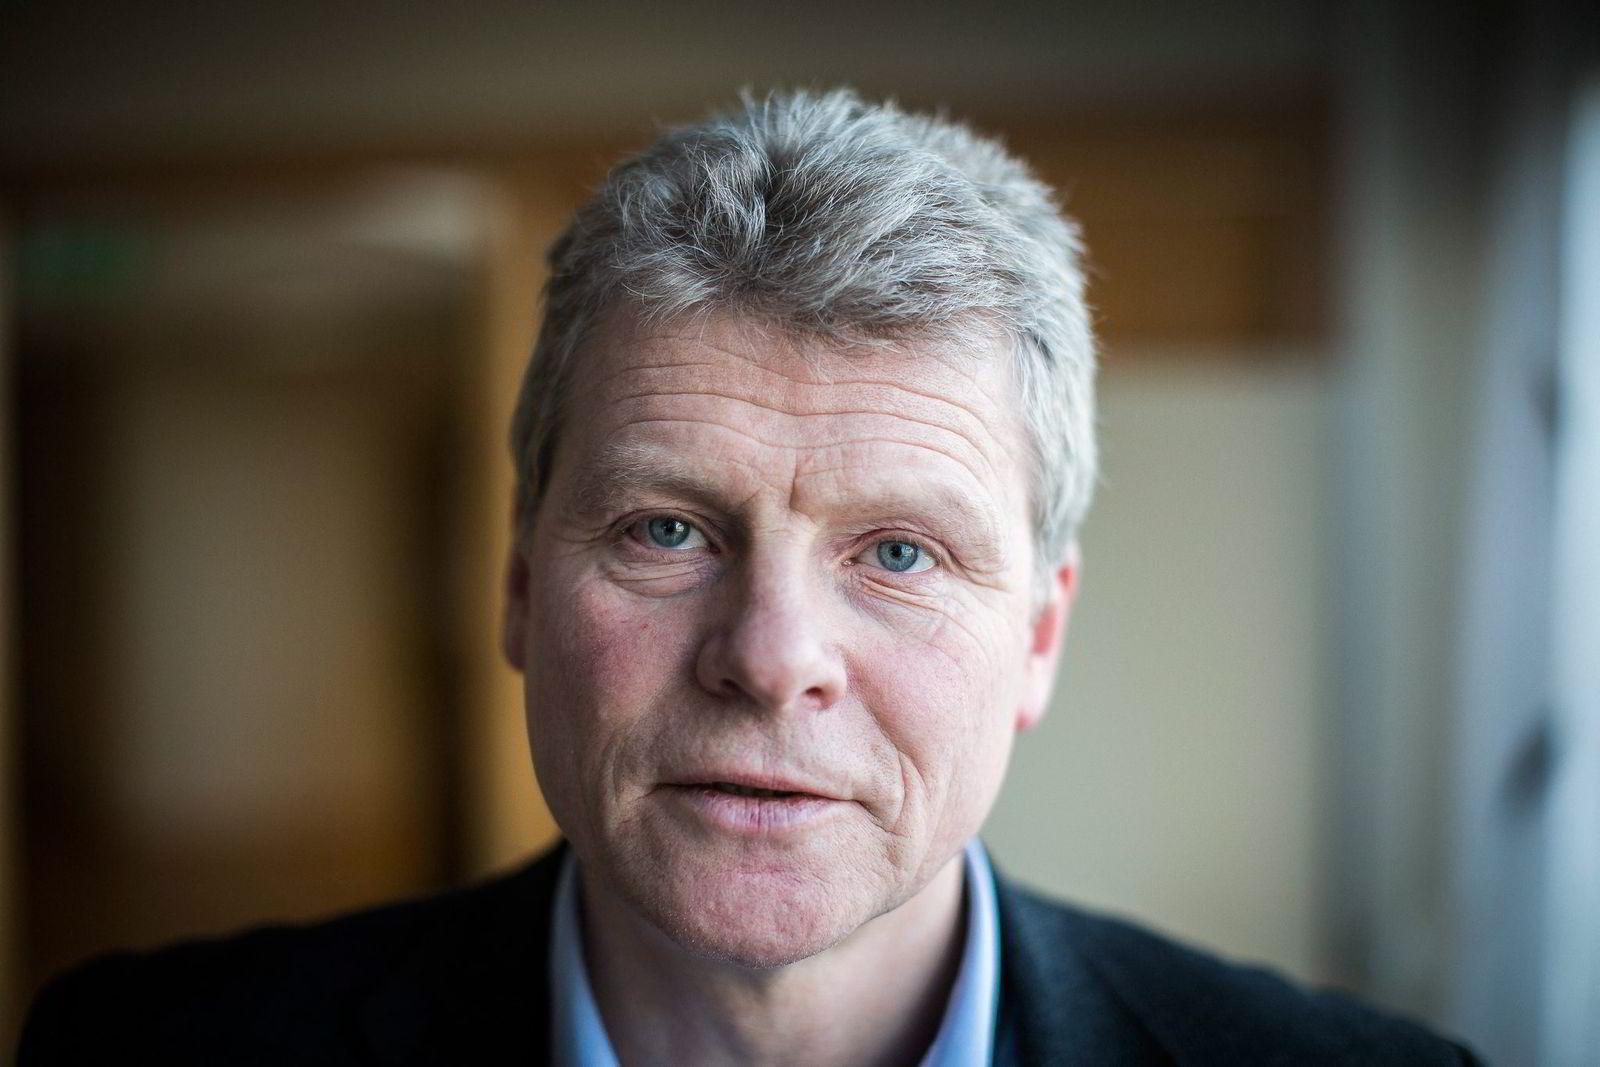 Førstestatsadvokat Sven Arild Damslora i Økokrim jakter på finansielle terrorspor for PST.